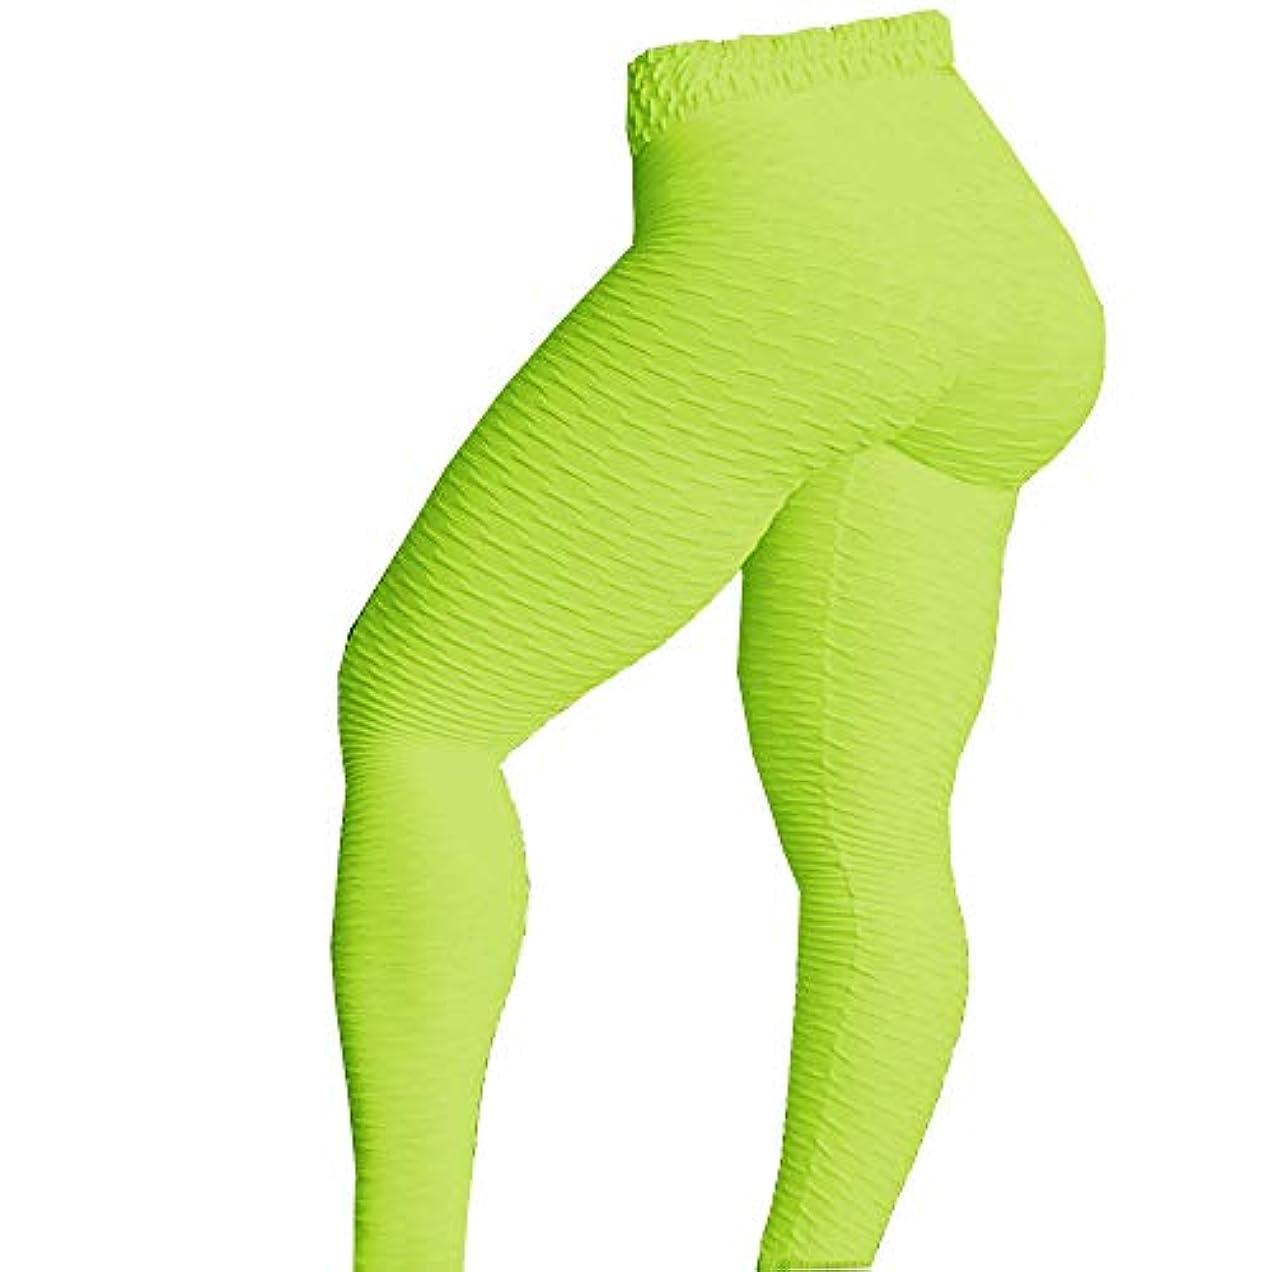 ポータル罪人ランチョンMIFAN パンツ女性、ハイウエストパンツ、スキニーパンツ、ヨガレギンス、女性のズボン、ランニングパンツ、スポーツウェア